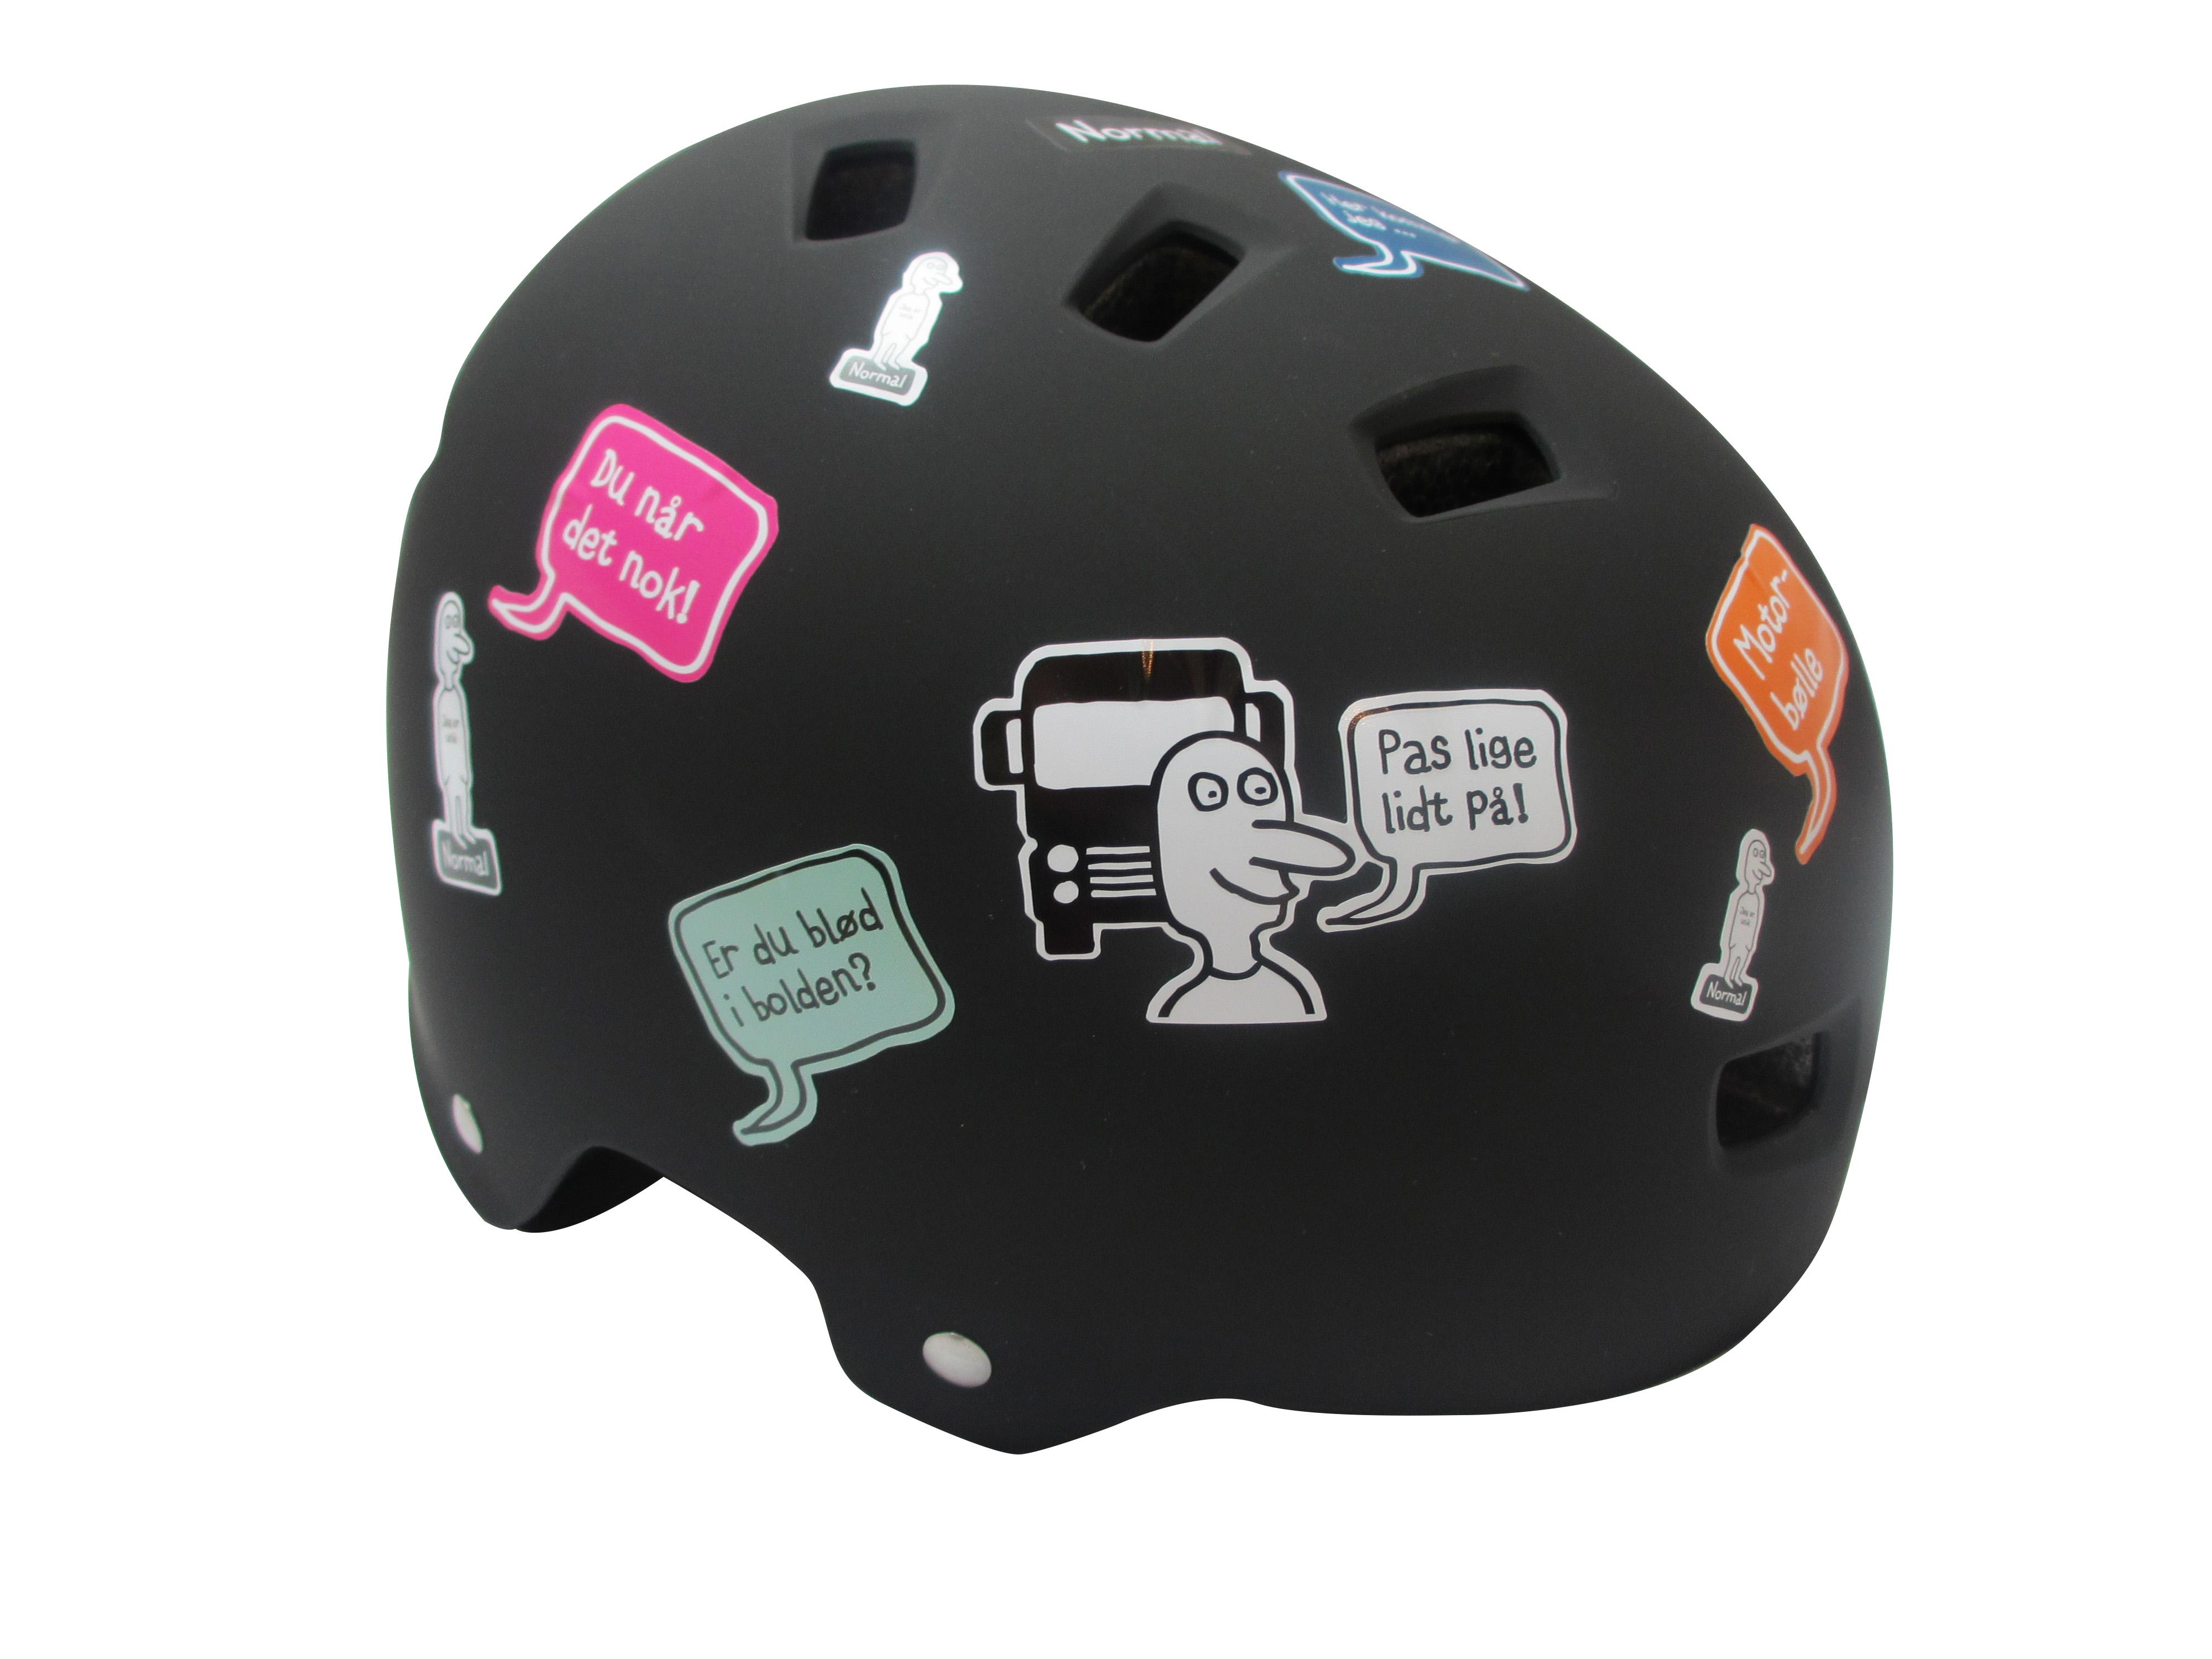 Kendte På med hjelmen! Ny kampagne skal få flere børn til at bruge XI-89